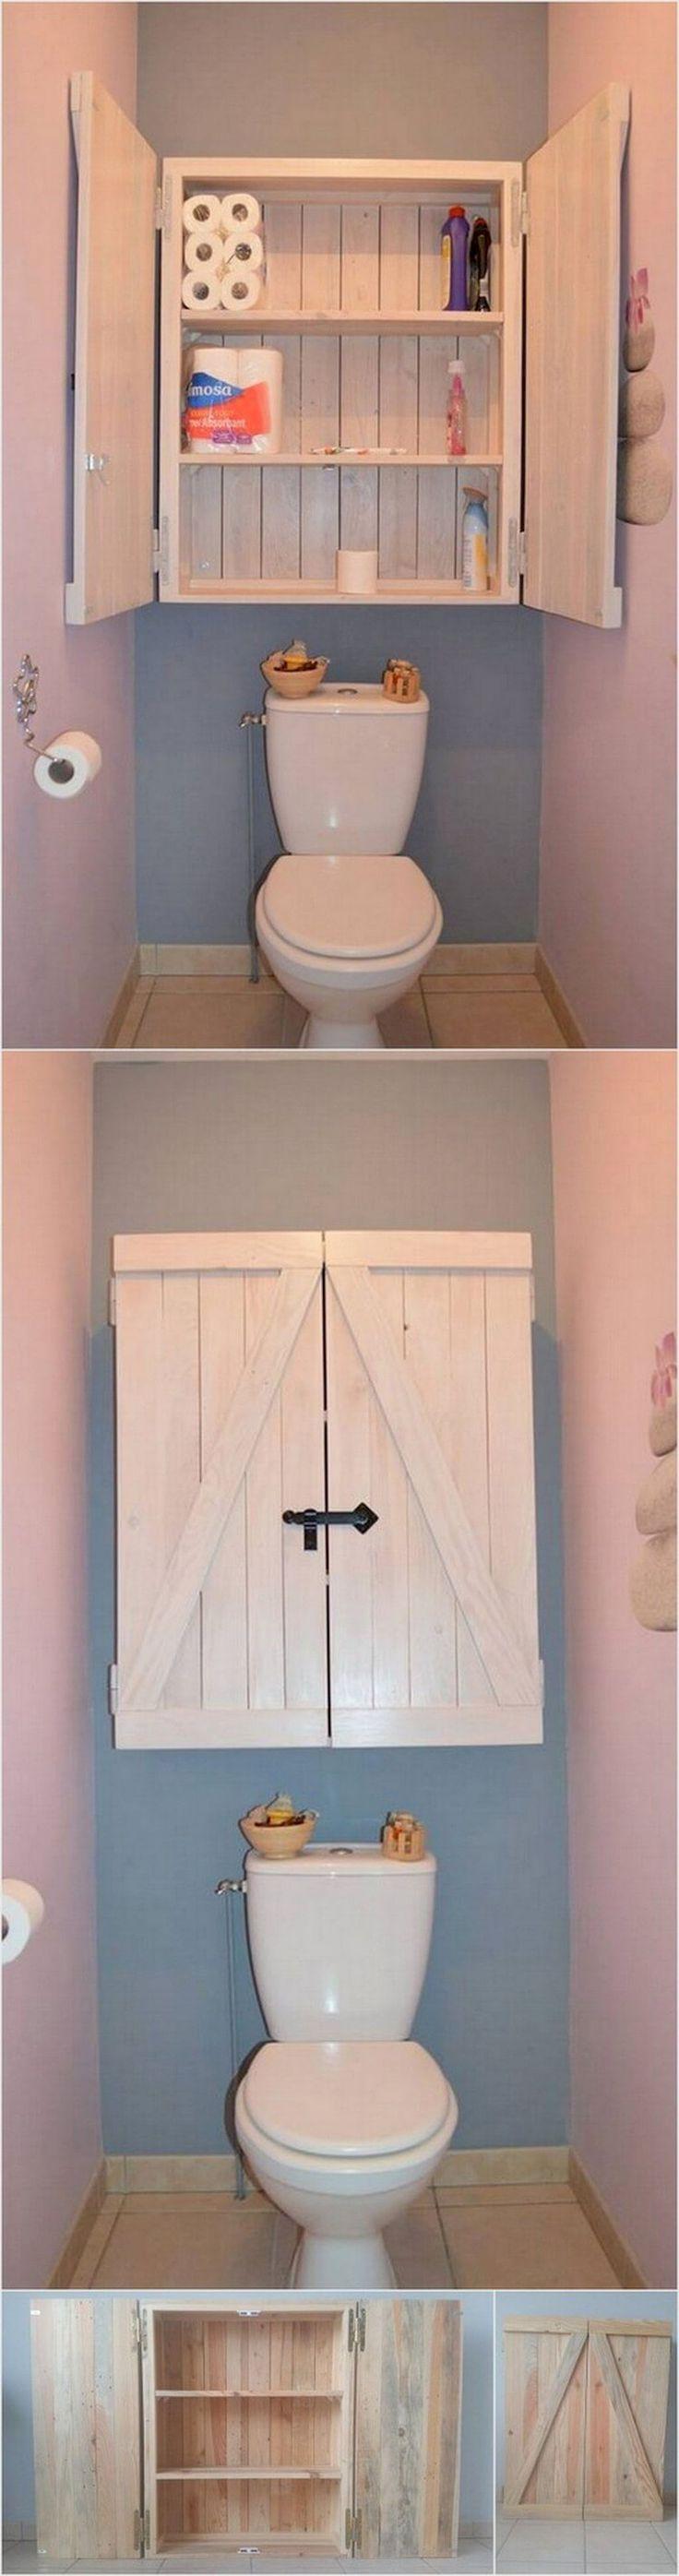 Pool bathroom ideas